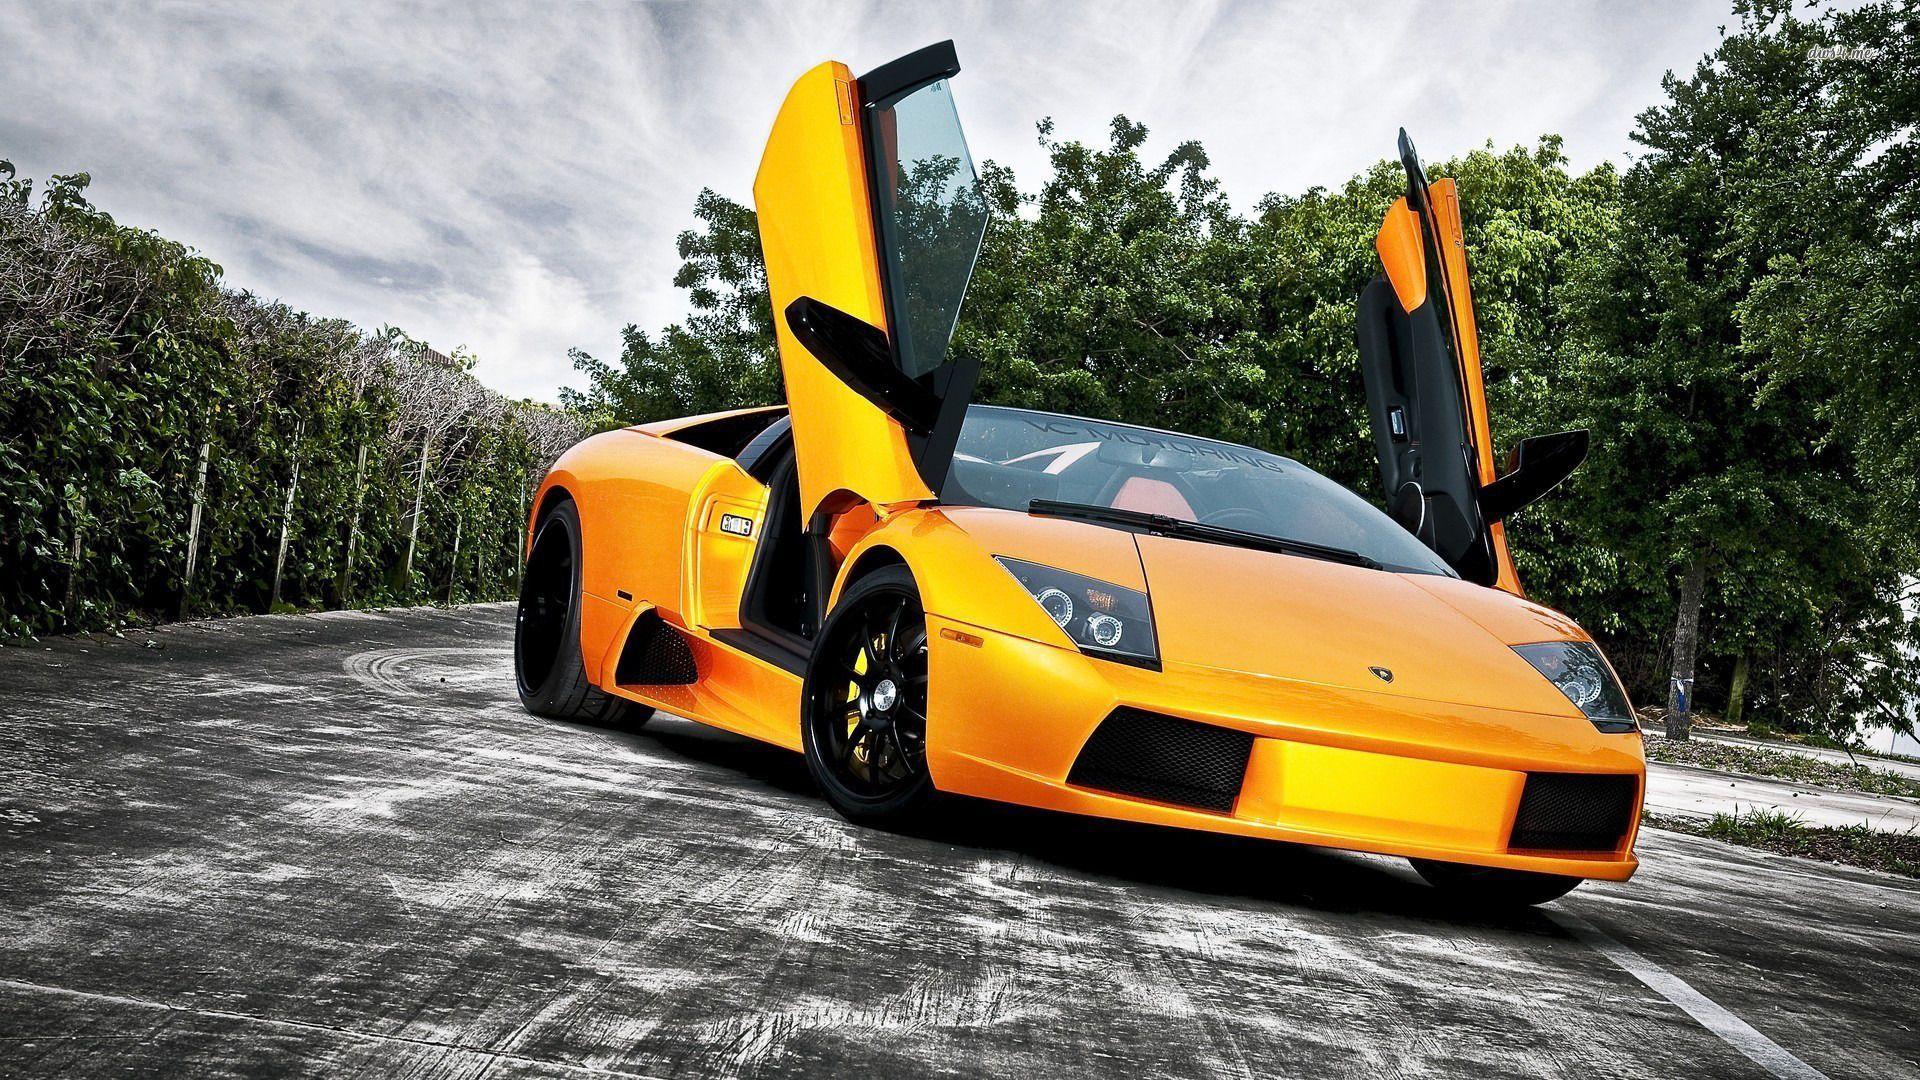 Lamborghini Murcielago Lp Hot Girl Amanda Ellis Wallpaper